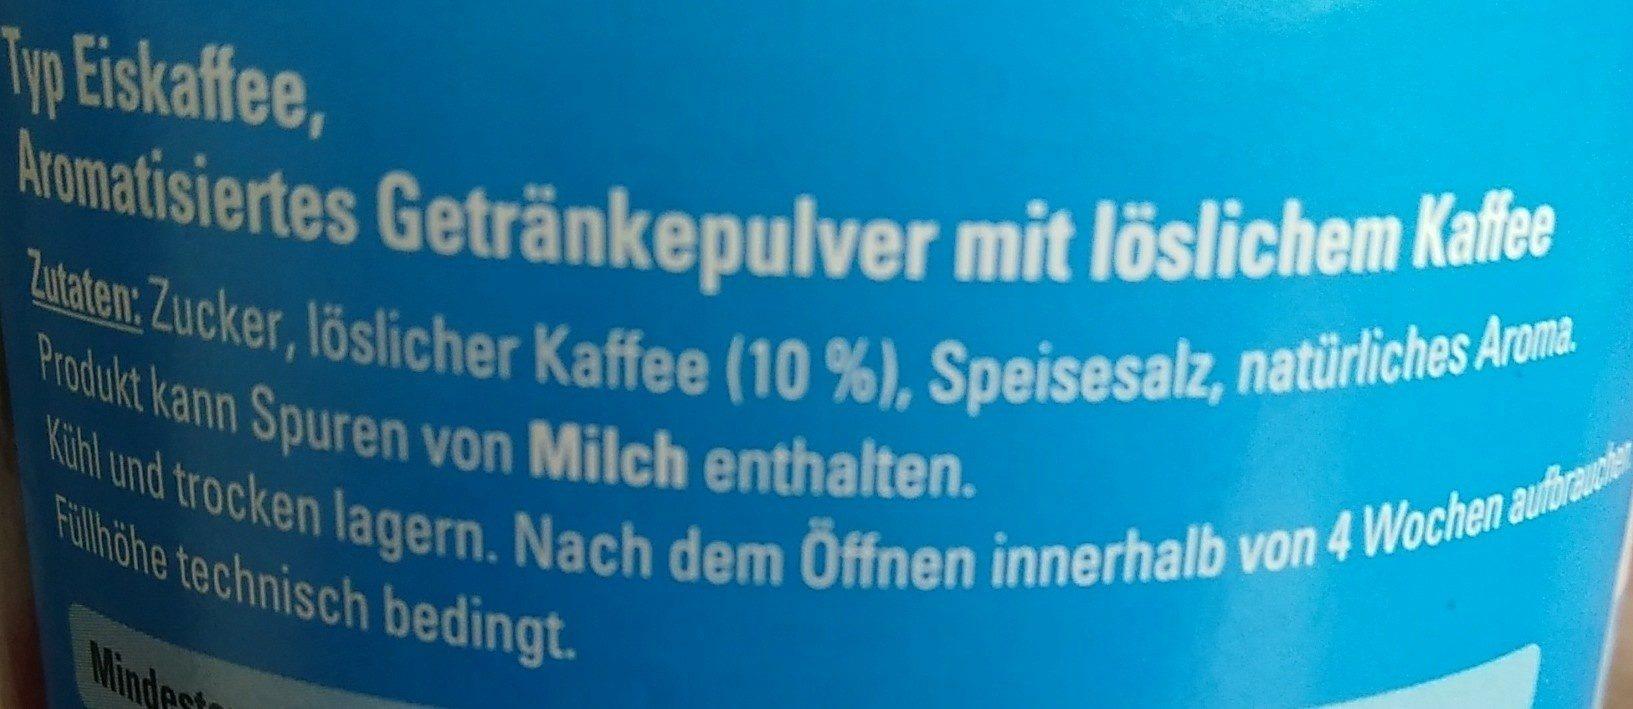 Café allegro Typ Eiskaffee - Inhaltsstoffe